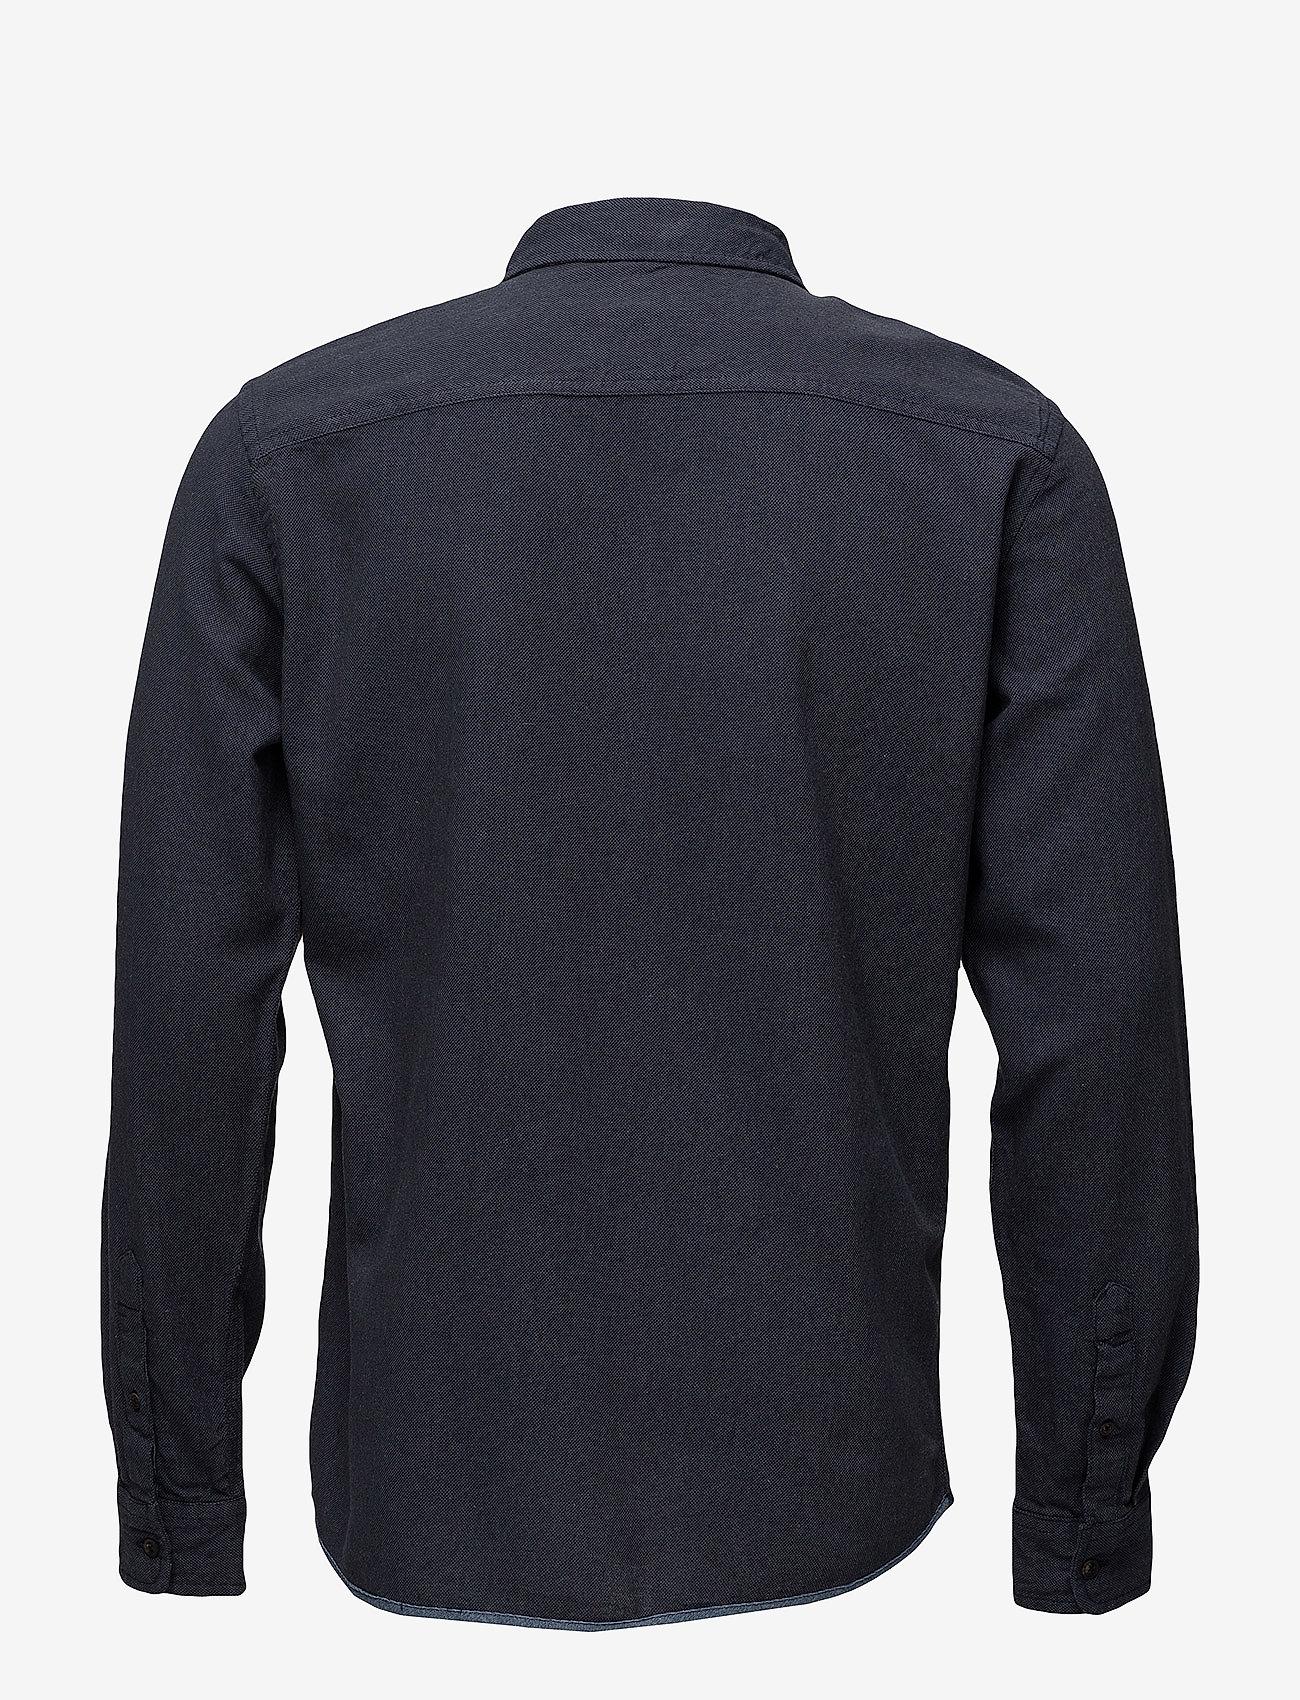 Blend - Shirt - décontractées - navy